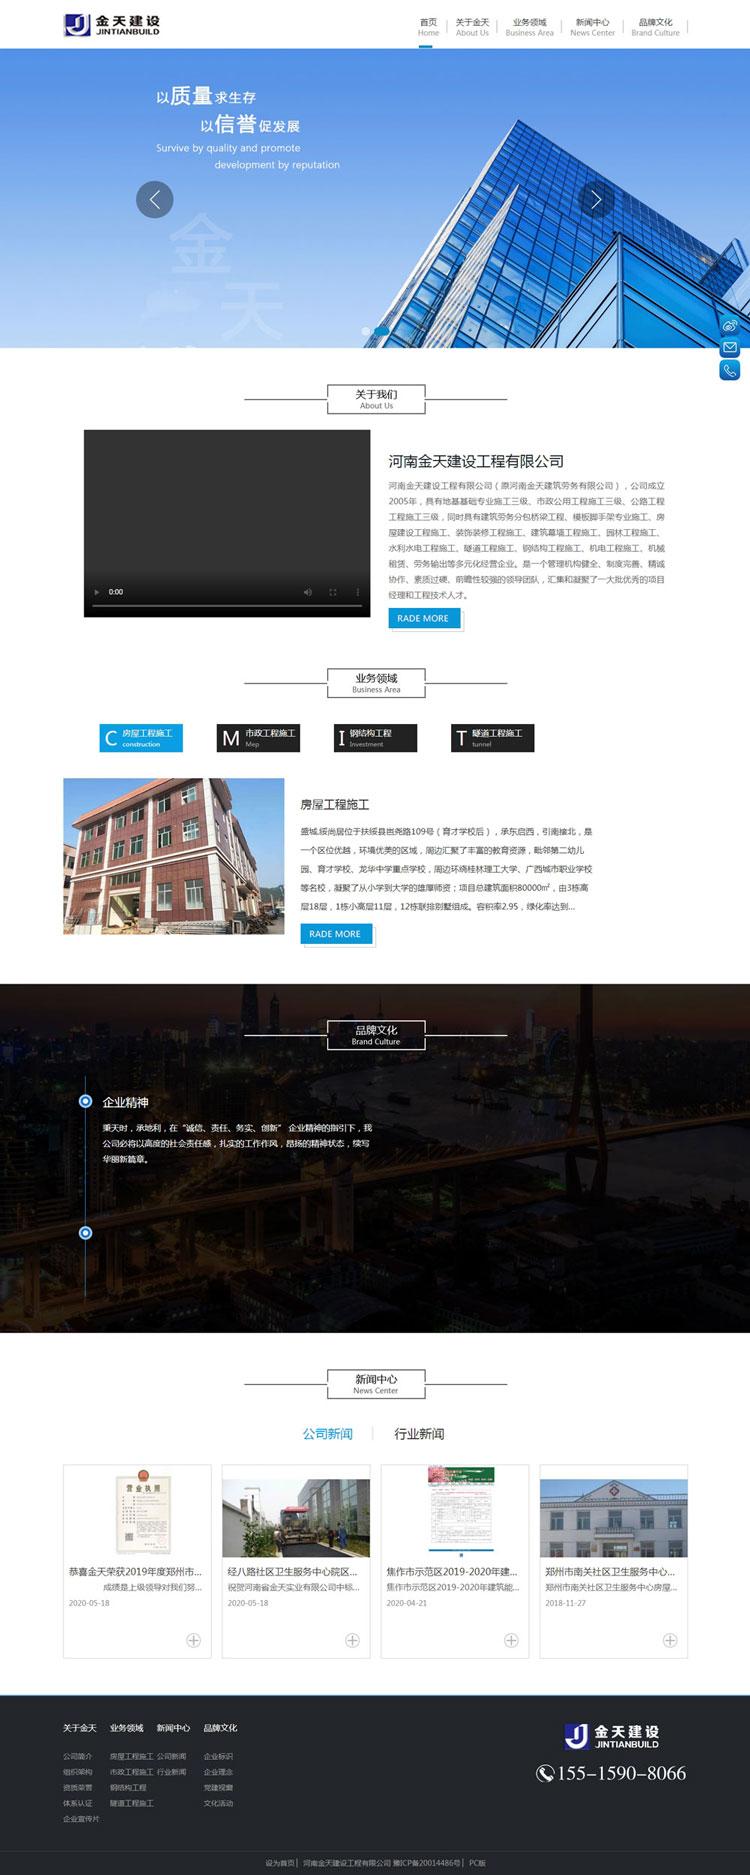 20河南金天建设工程有限公司.jpg